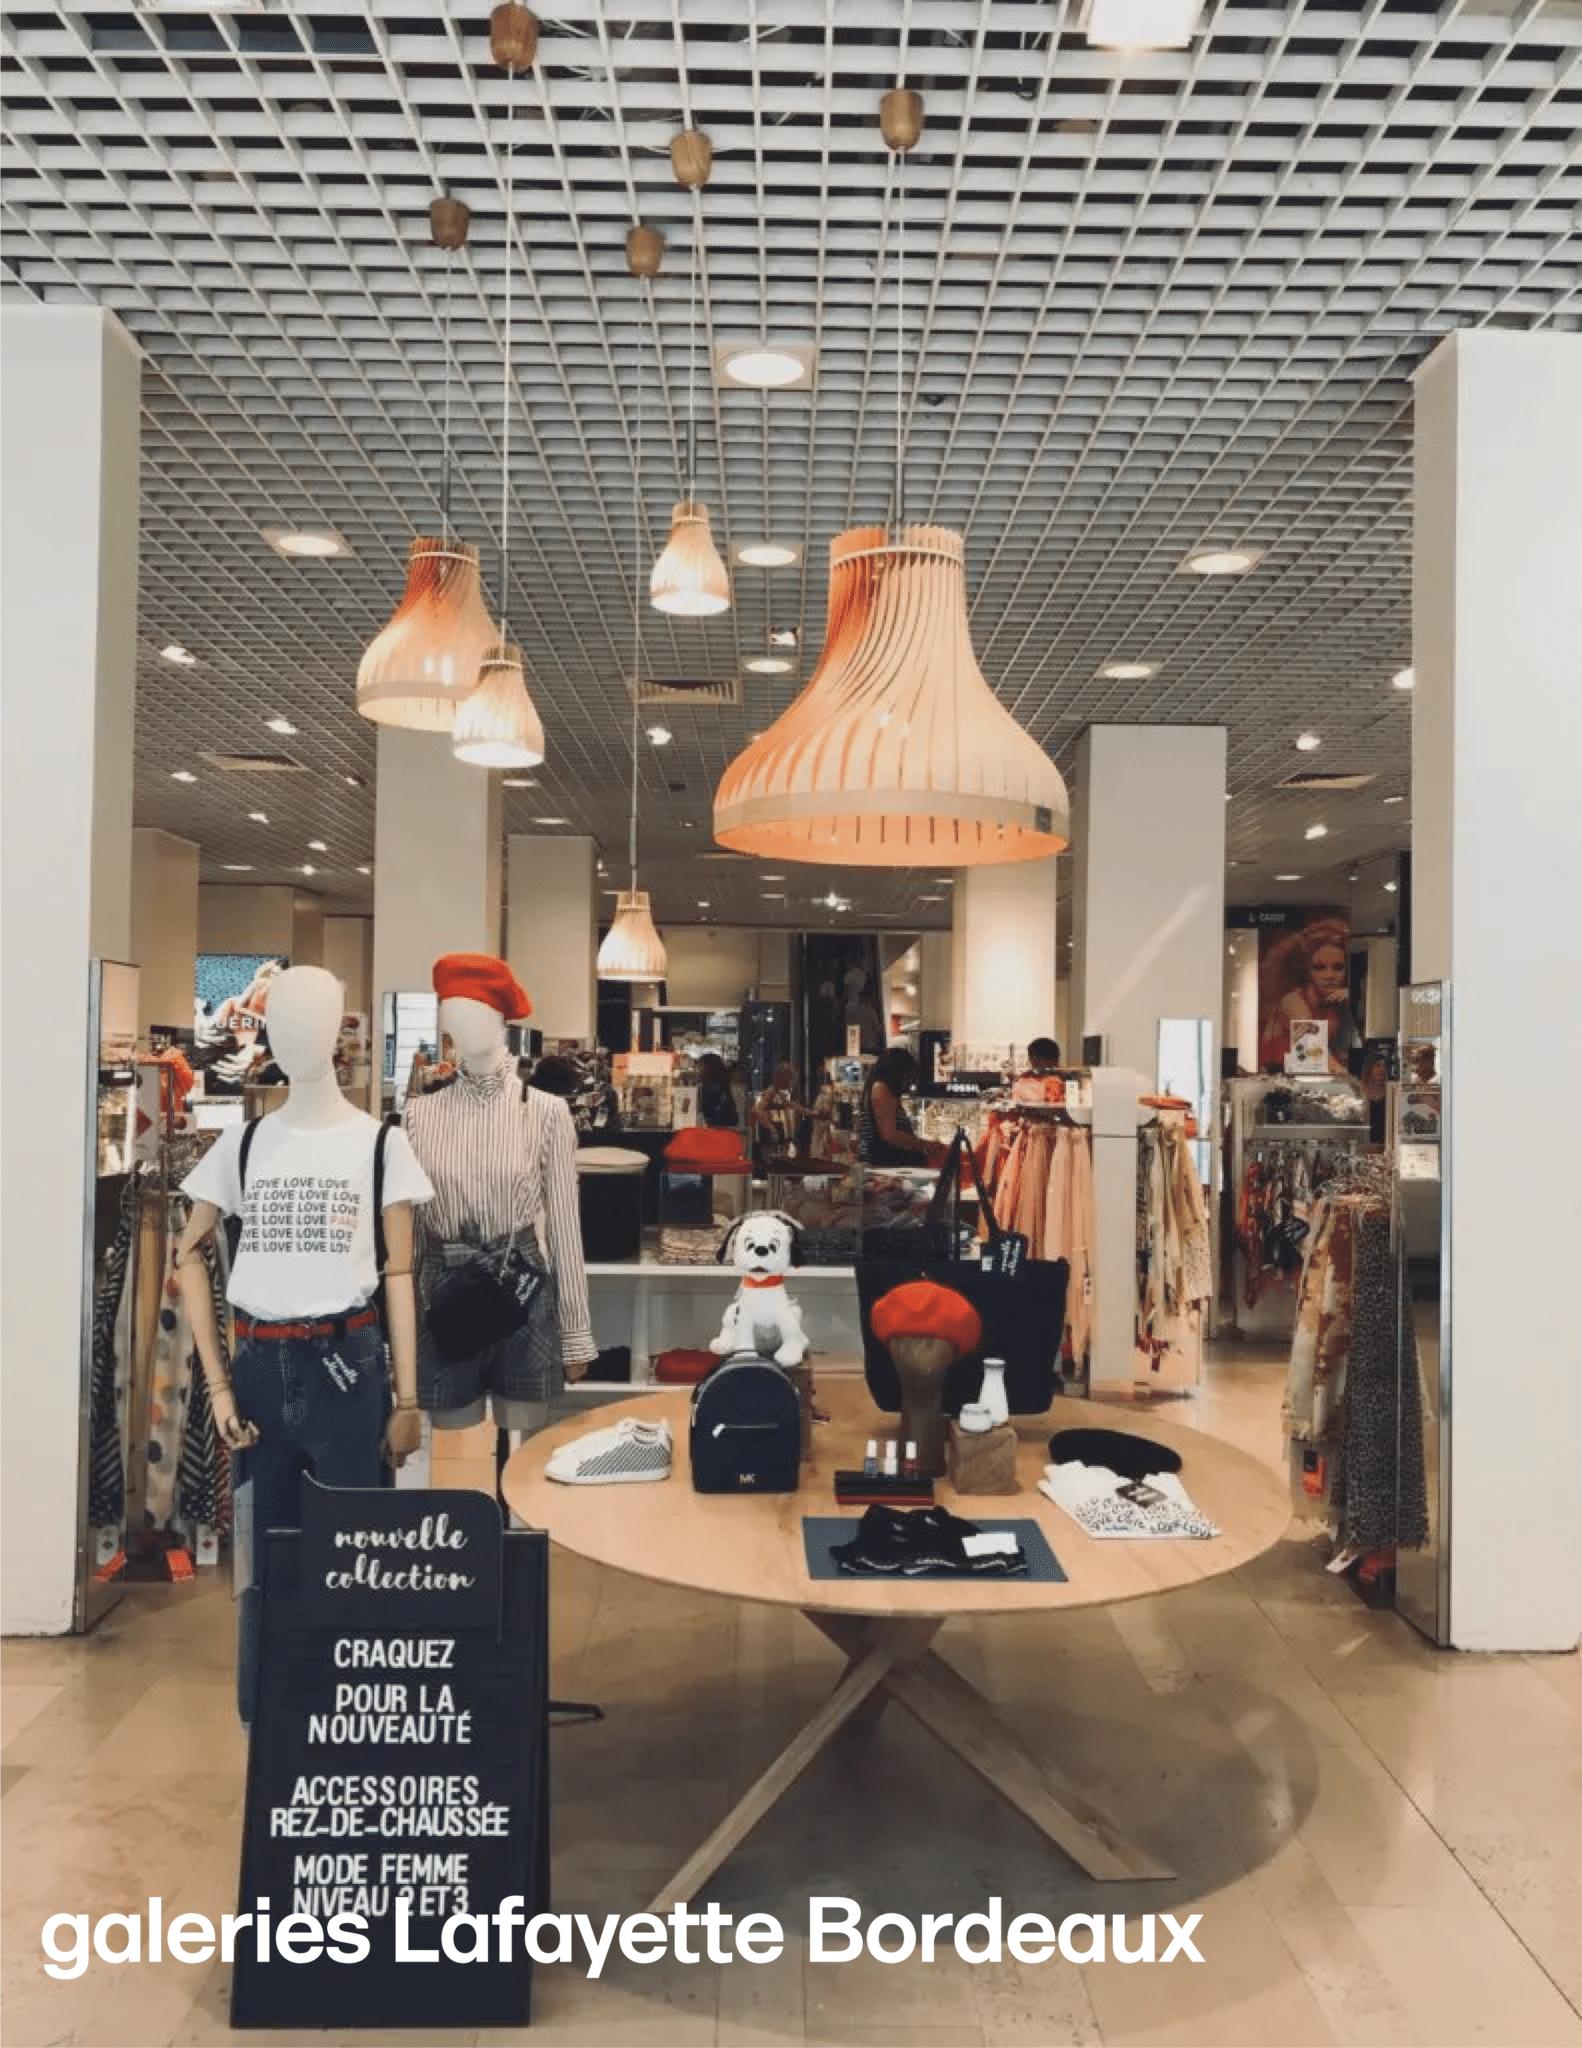 Galeries Lafayette Bordeaux / volupte